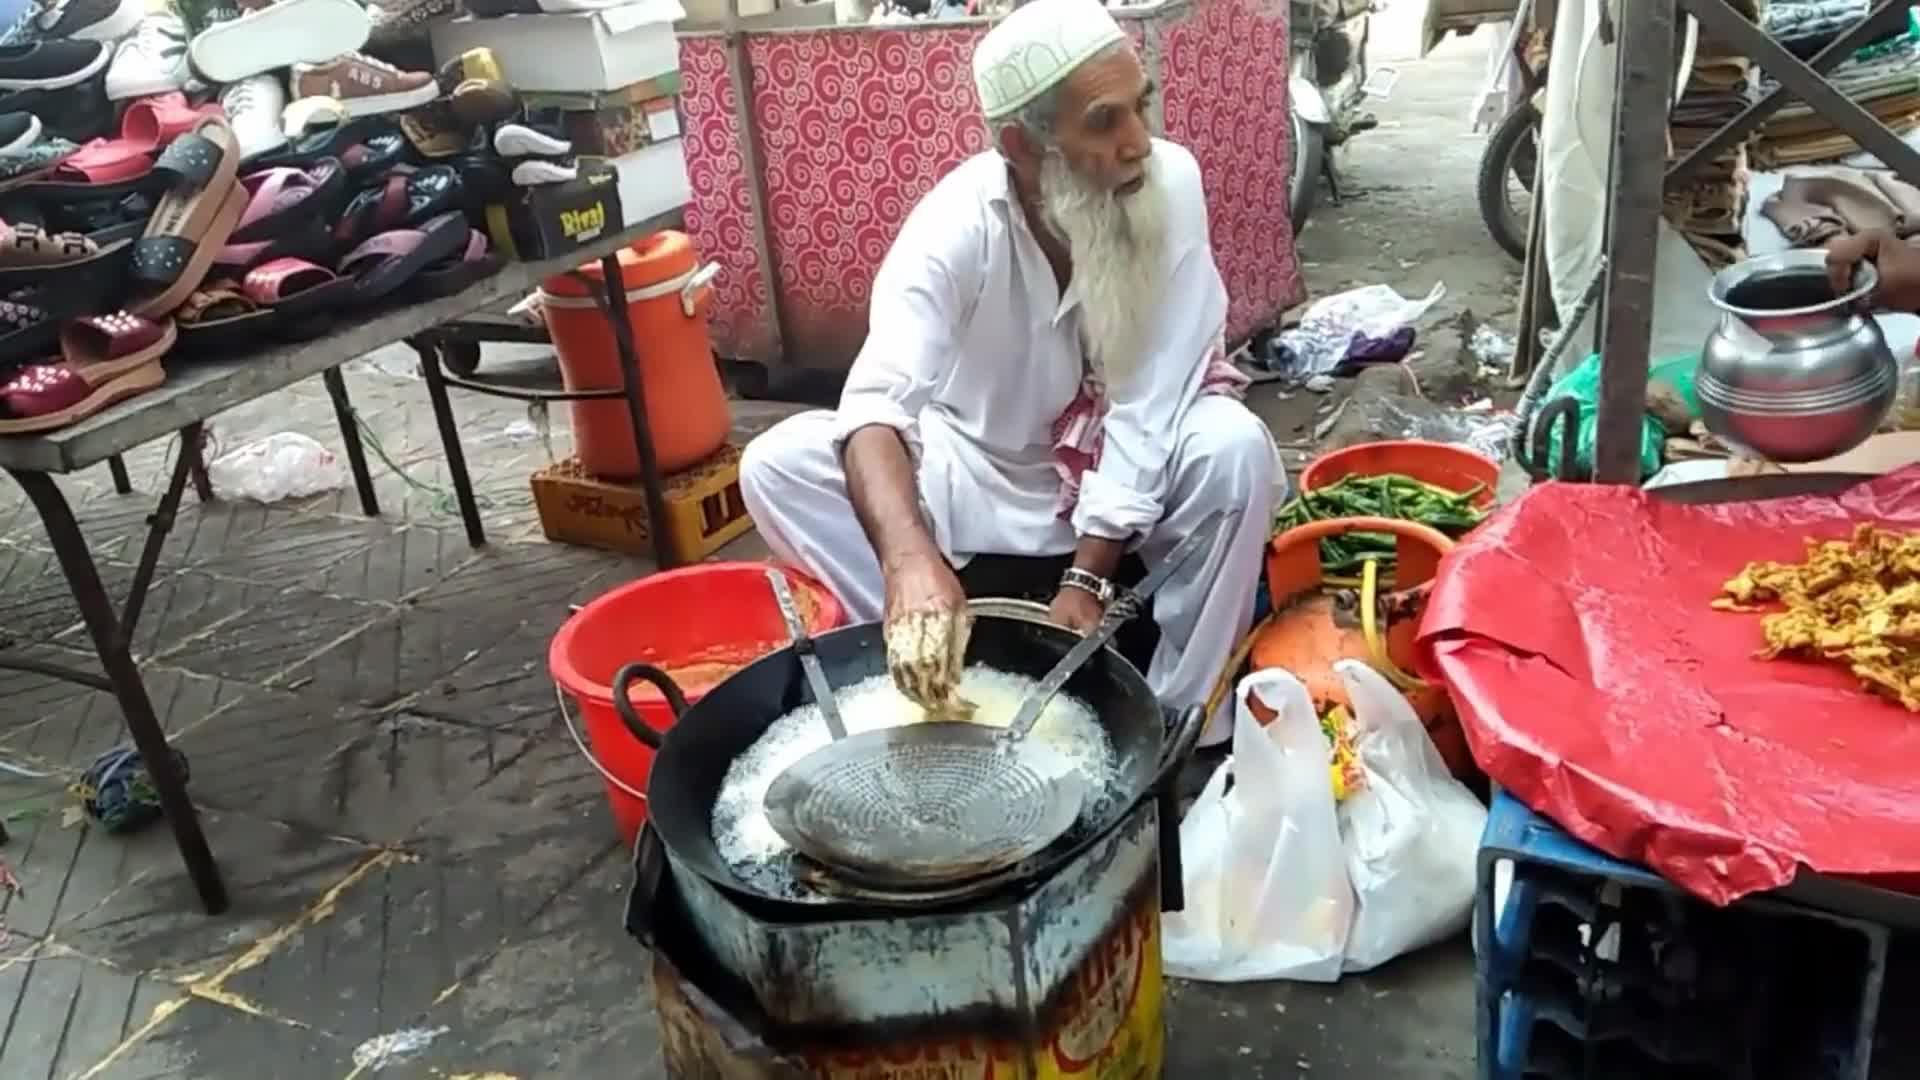 印度街头奇葩零食,面粉糊用手挤到黑漆漆油锅,不愧是开挂美食!